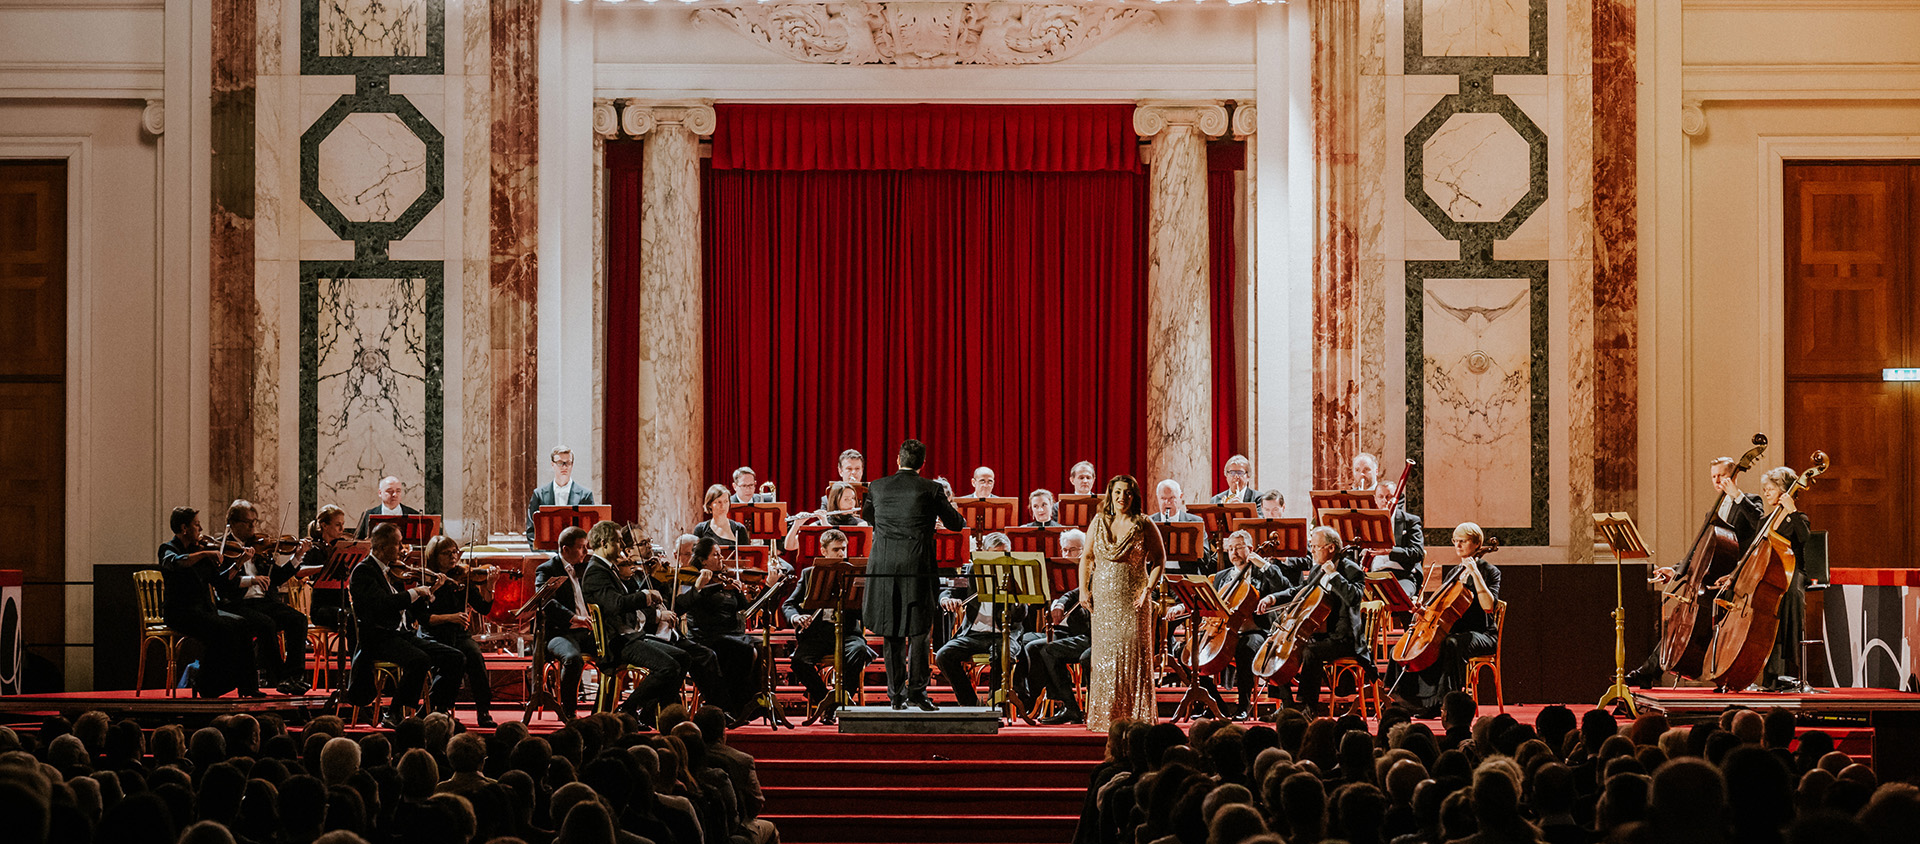 Классическая музыка с Selvana Salmasi в бальном зале Hofburg Vienna